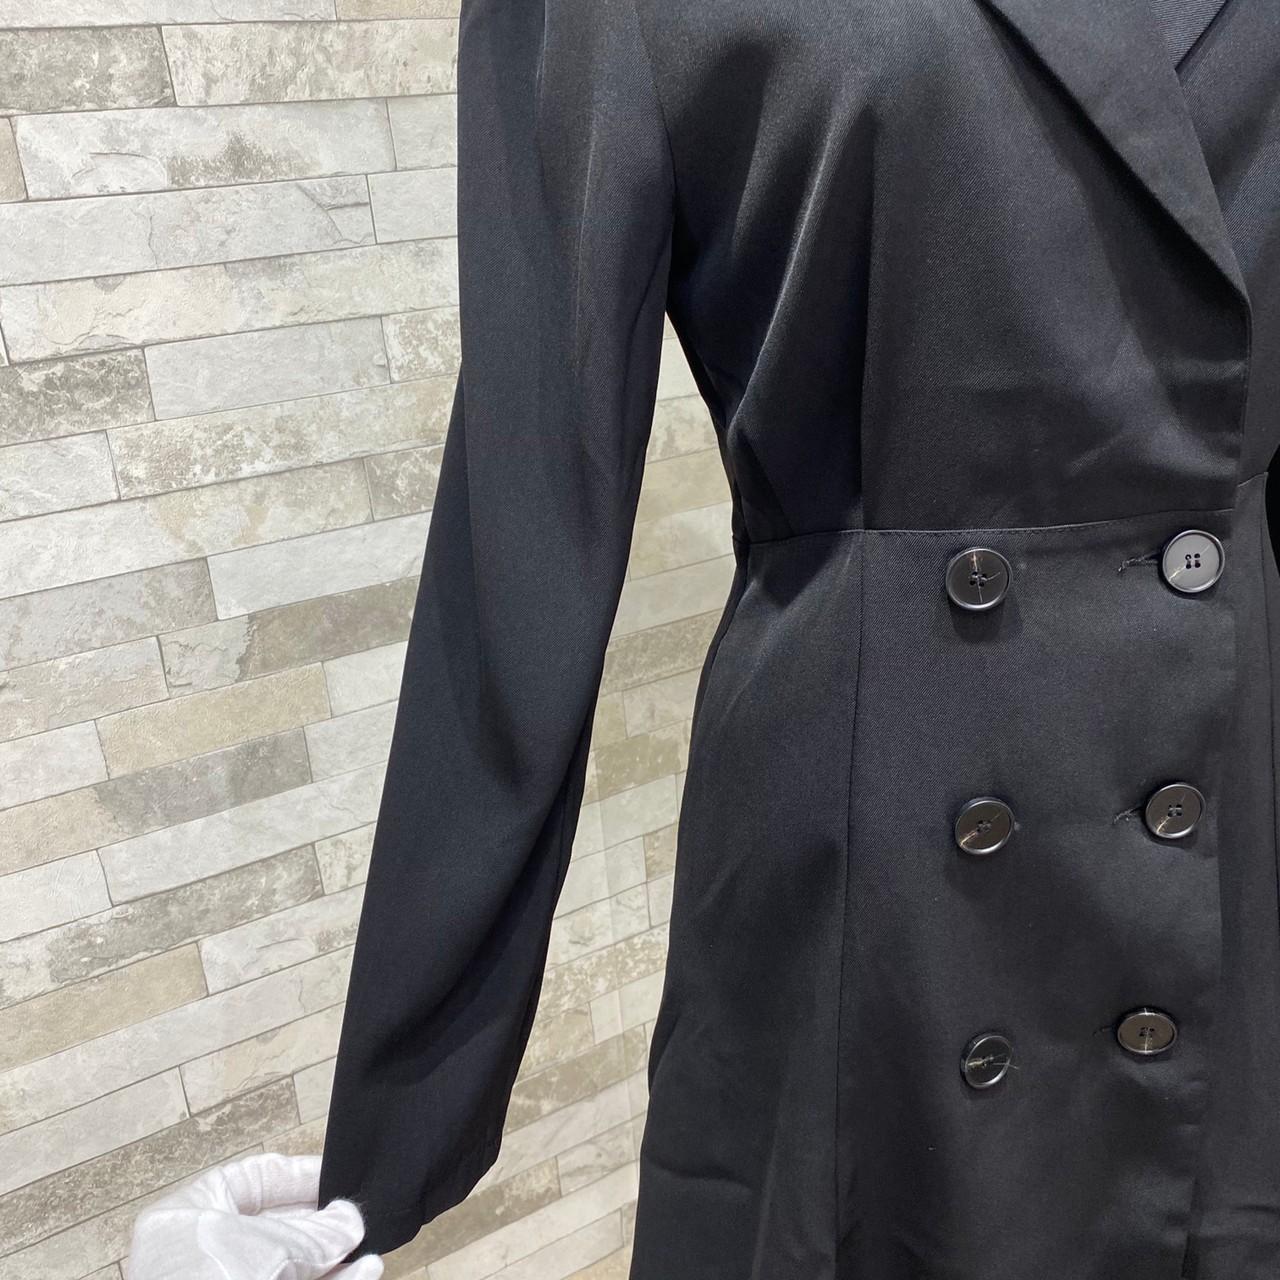 【即納】韓国 ファッション ワンピース 春 夏 秋 カジュアル SPTXE548  ミディ丈 コート エレガント パーティー オフィス フォーマル オルチャン シンプル 定番 セレカジの写真12枚目